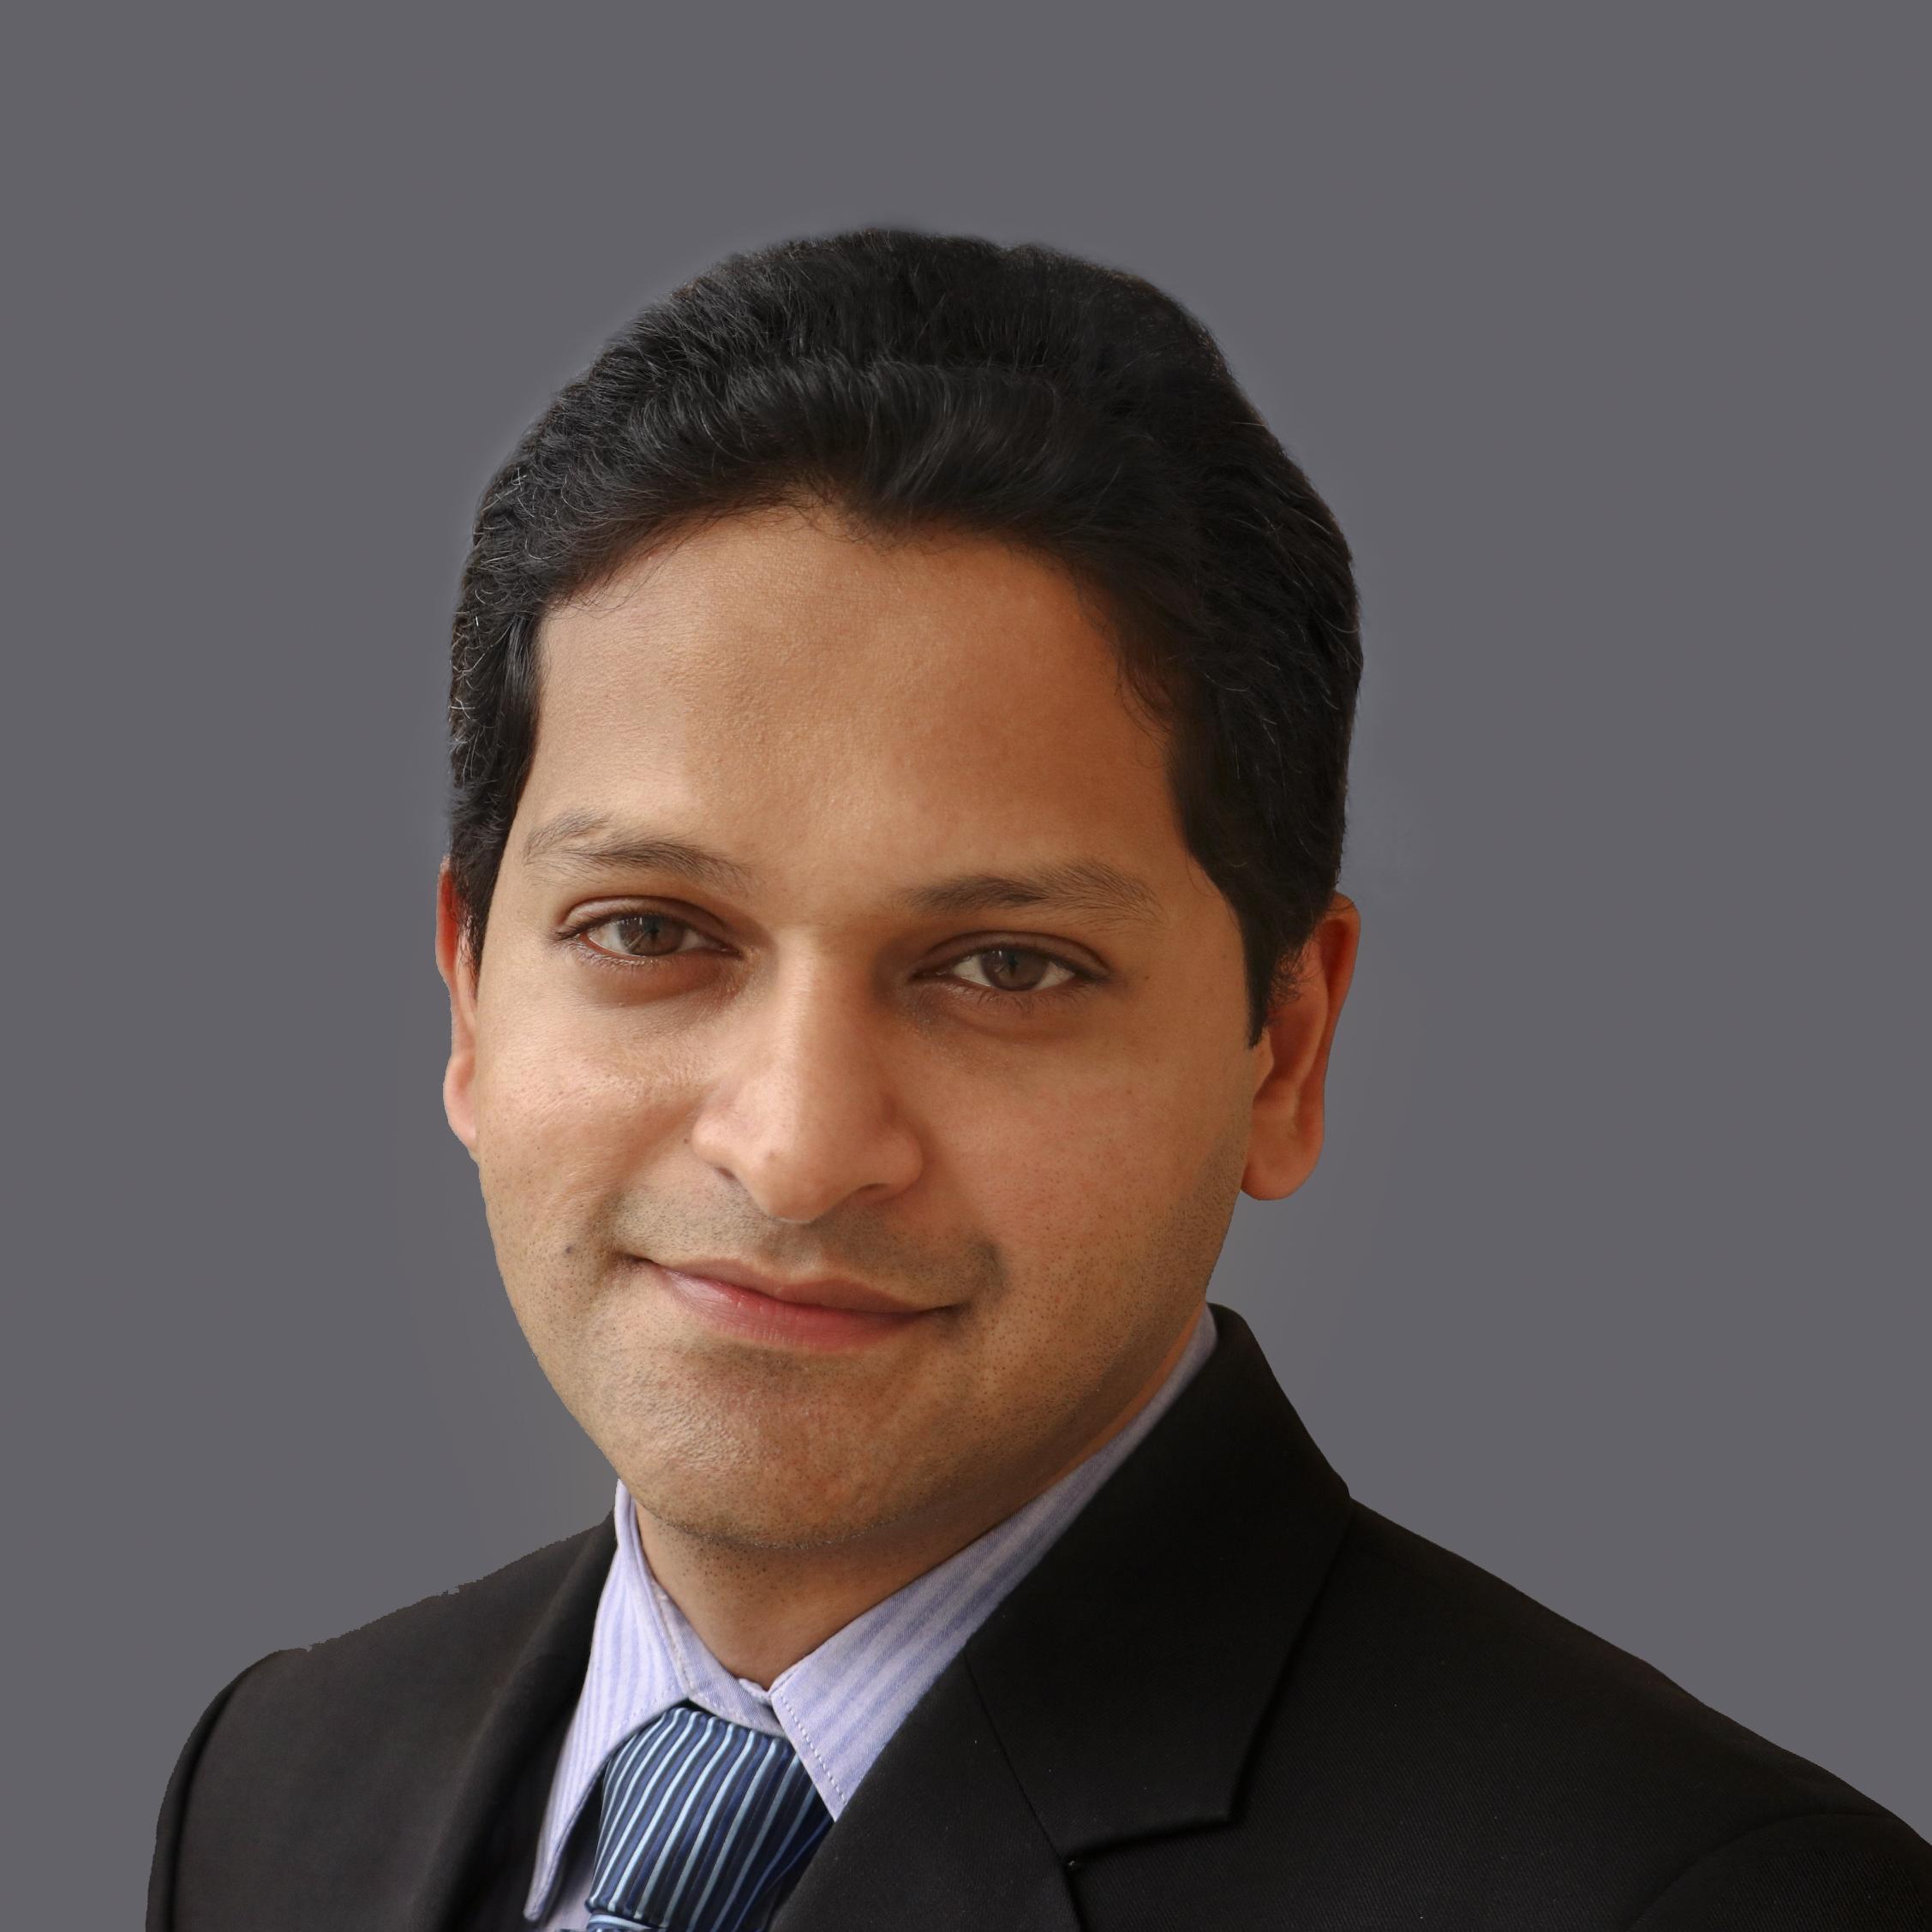 Shahezad Kazi